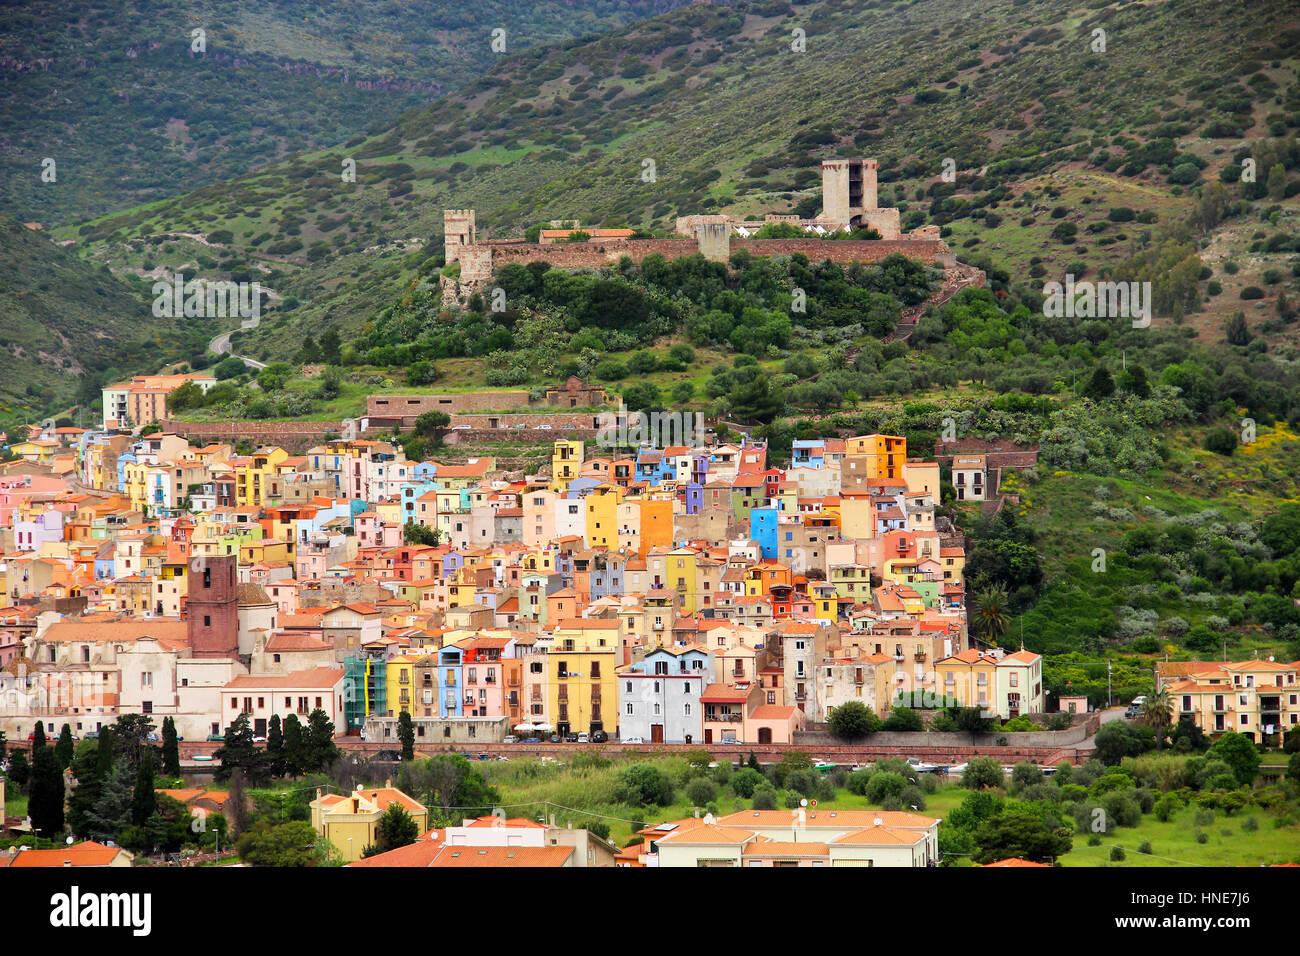 Bosa ciudad con coloridas casas y Serravalle del Castillo, provincia de Oristano (Cerdeña, Italia) Foto de stock